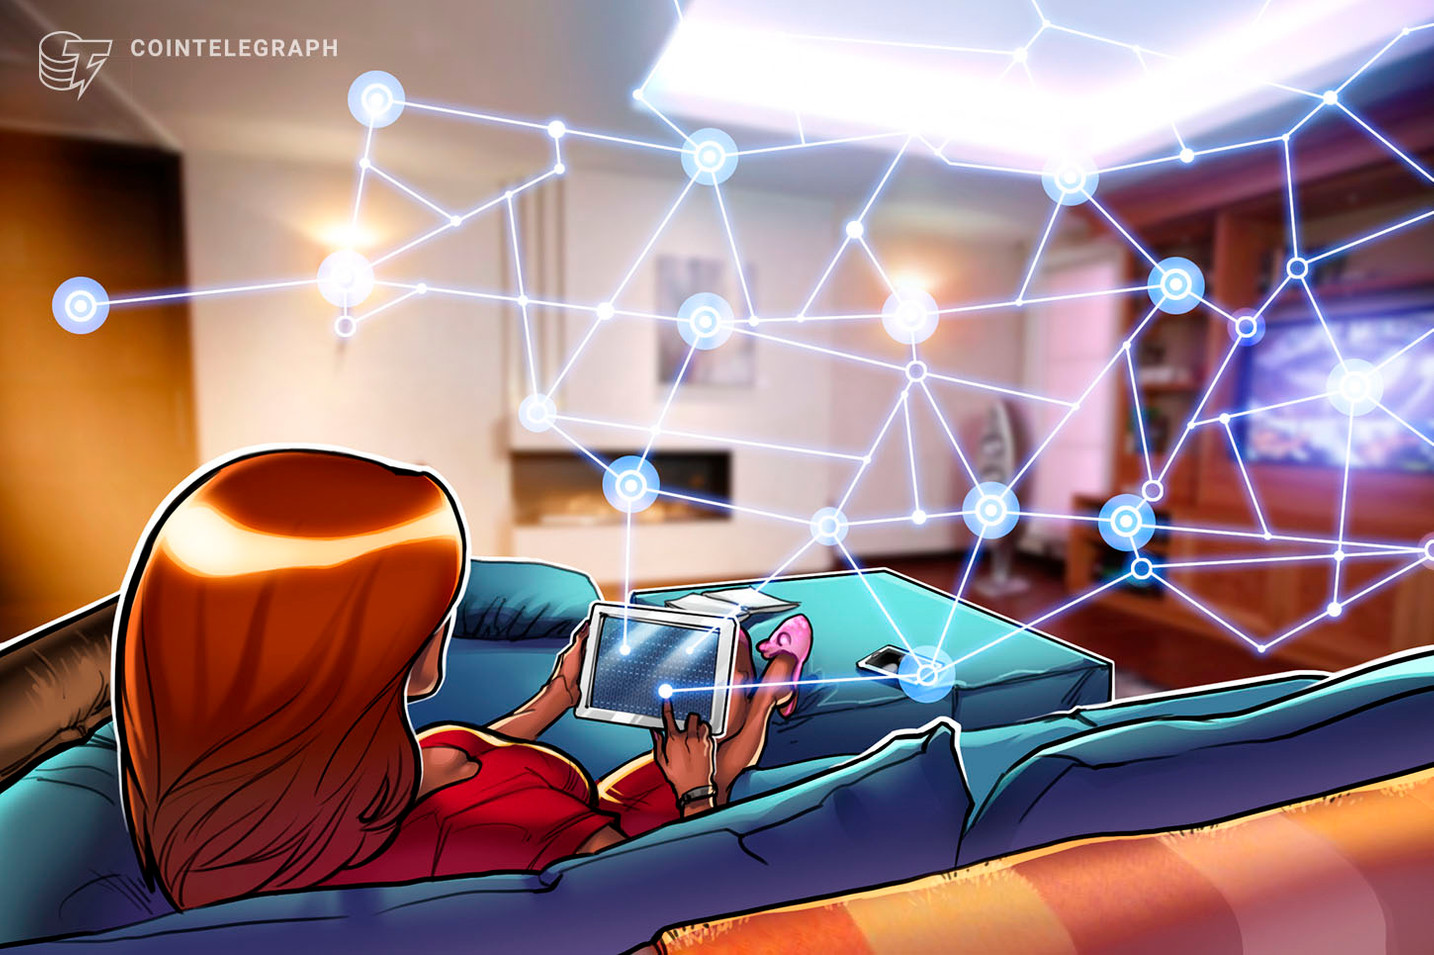 ボッシュ、IoTなど新技術への不安感をブロックチェーンの透明性が解消すると期待